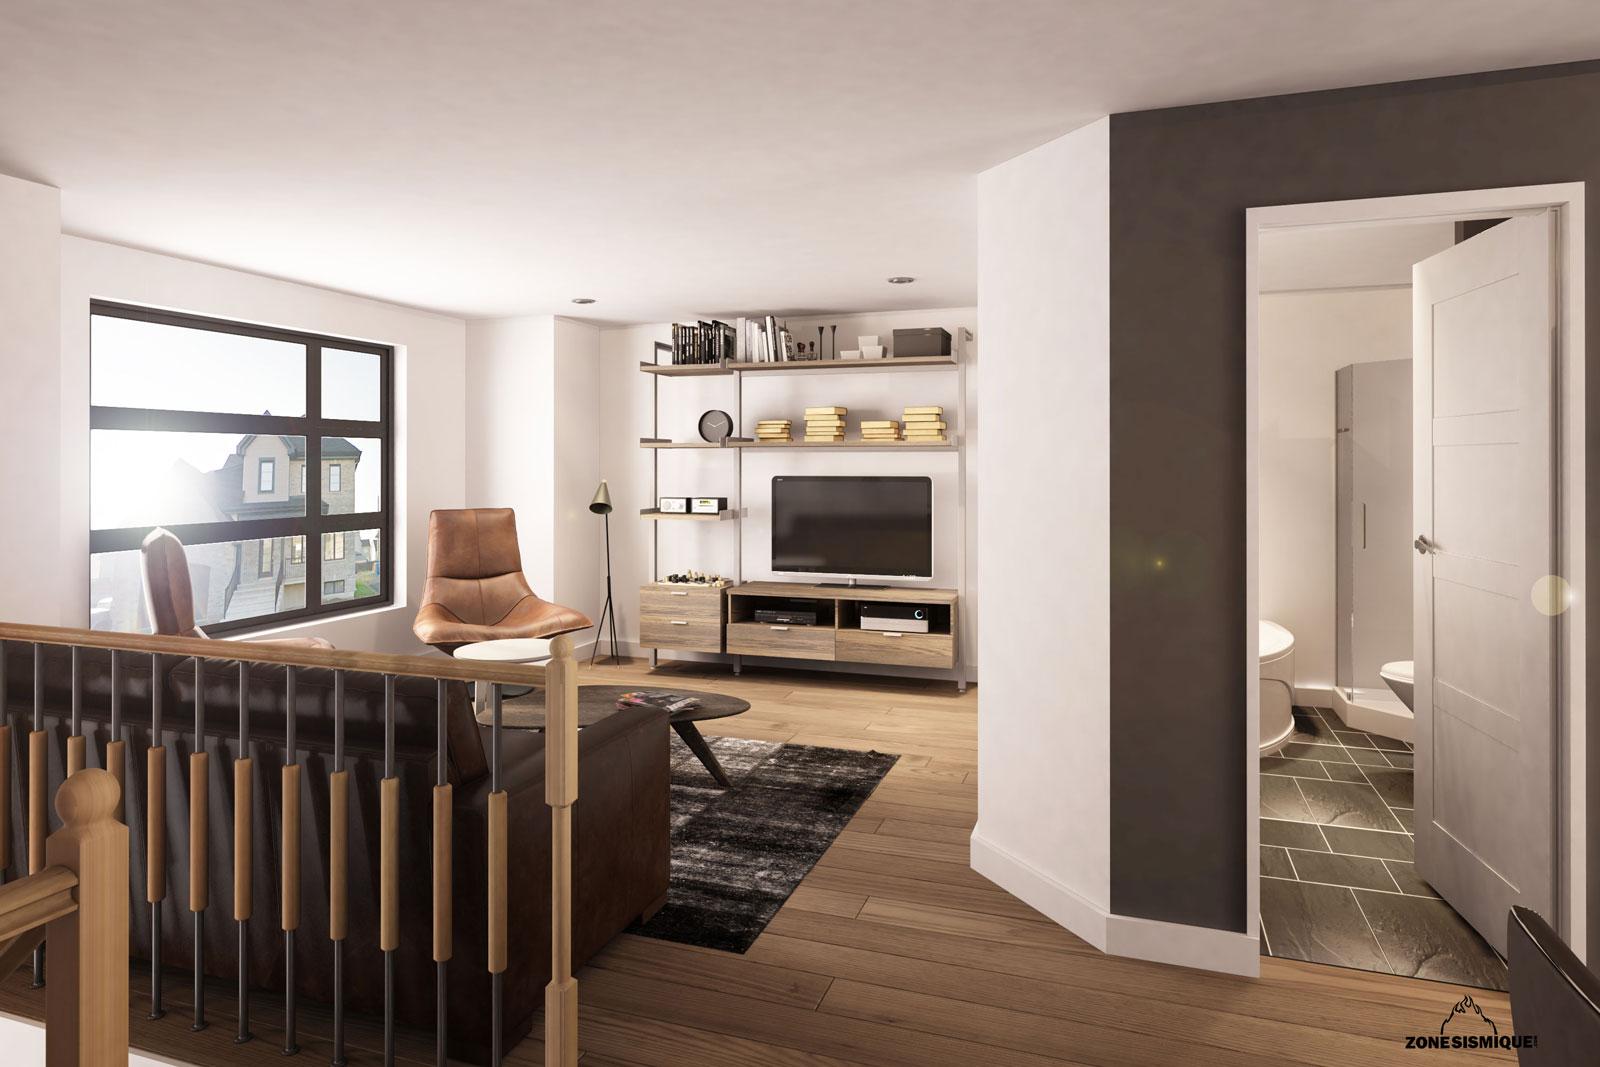 Zone sismique habitex construction maison 2 moderne 3d for Salon construction maison